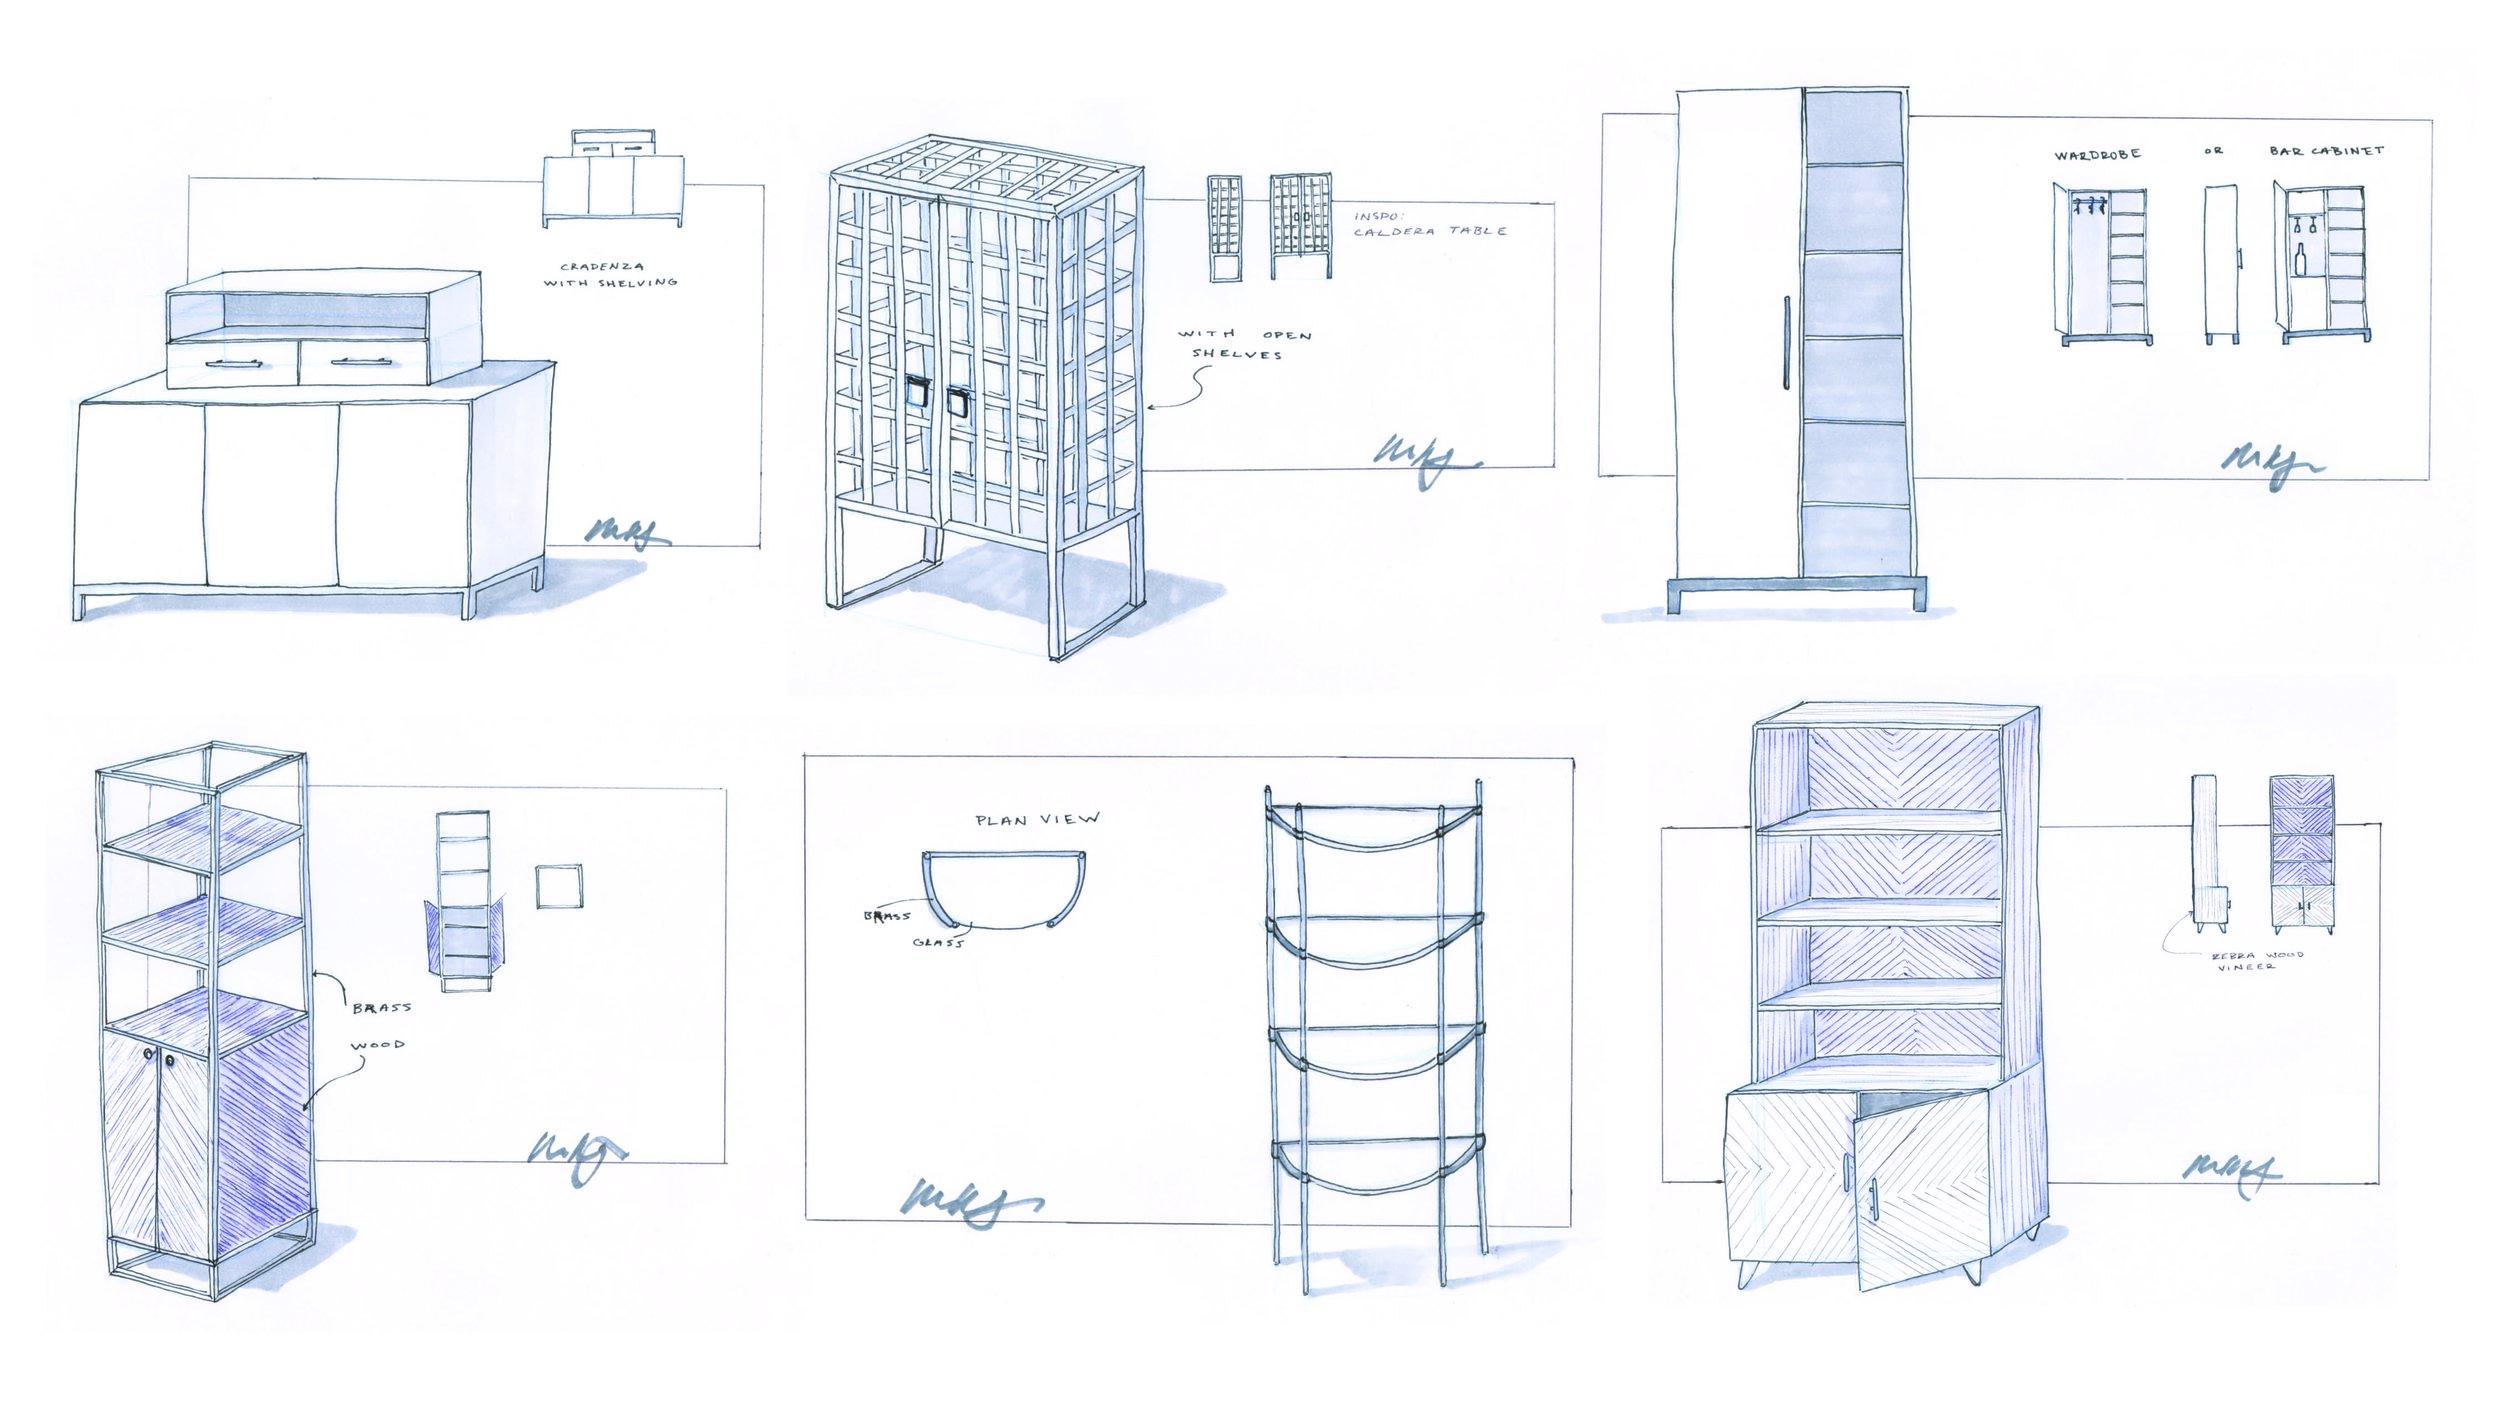 Drexel sketches.jpg